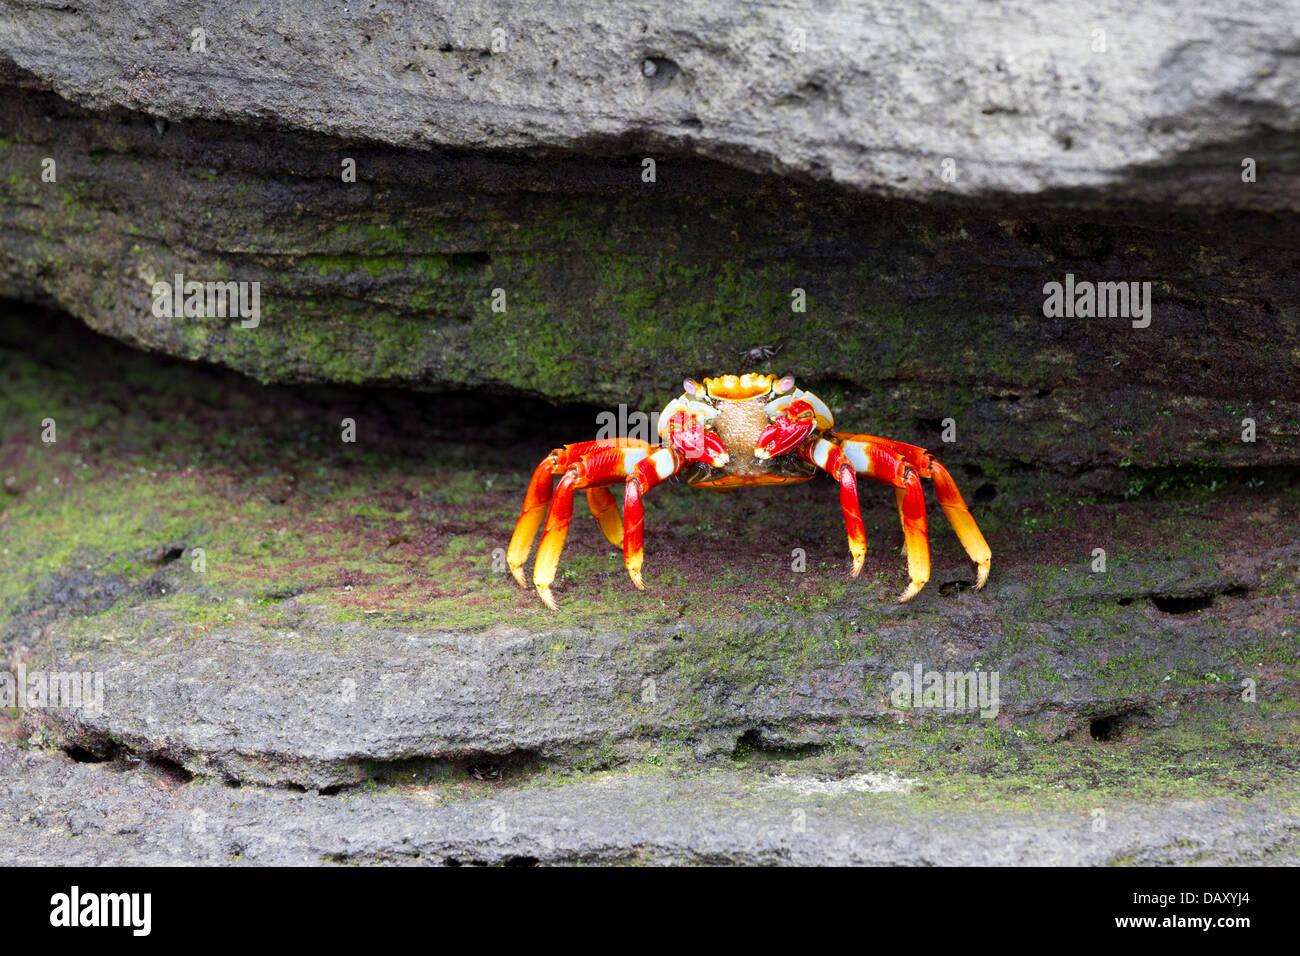 Sally Lightfoot Crab, Grapsus grapsus, Puerto Egas, Santiago Island, Galapagos Islands, Ecuador - Stock Image